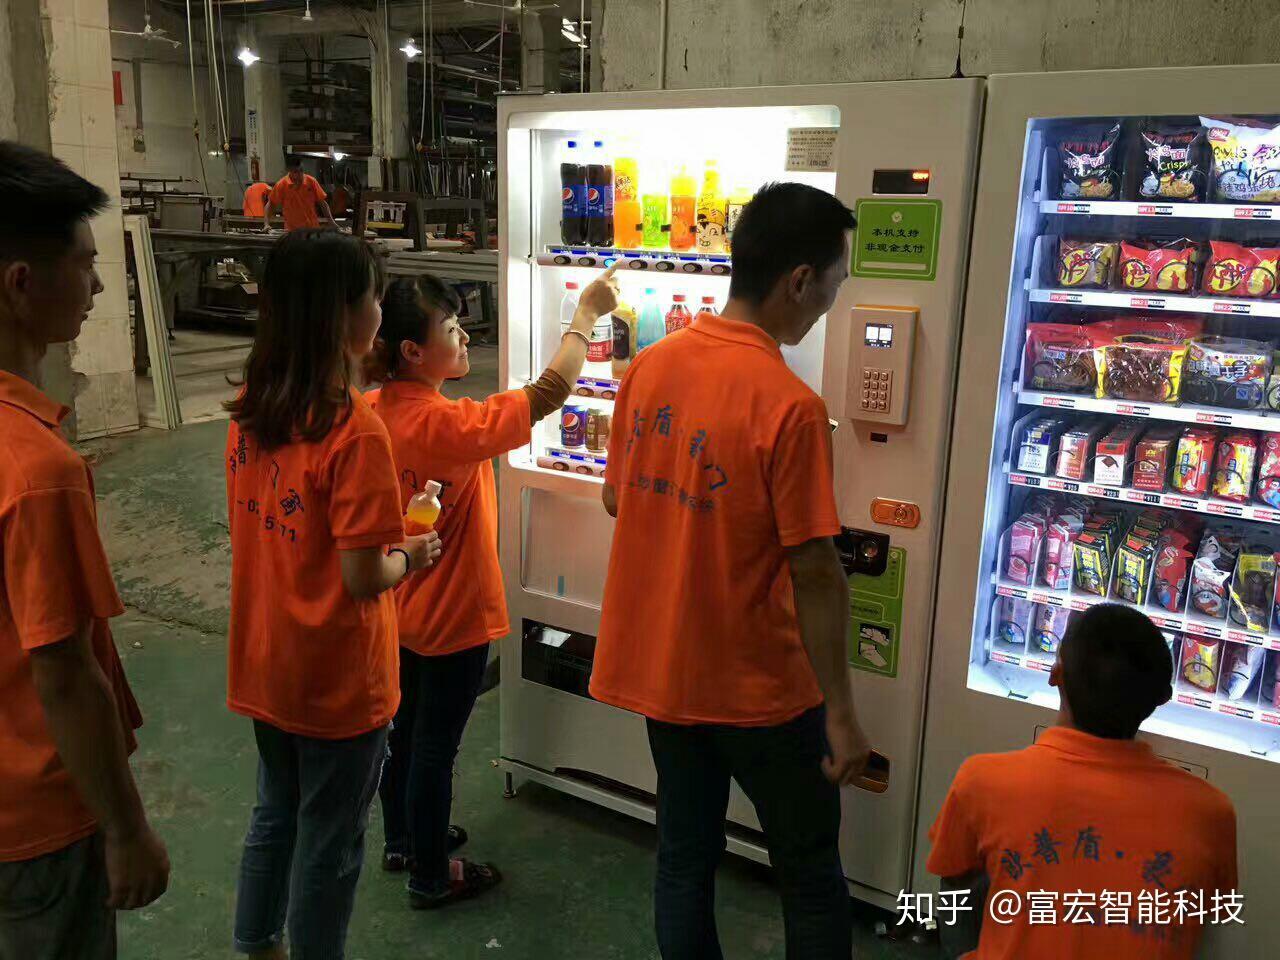 自动售货机在经营上要注意哪些问题?